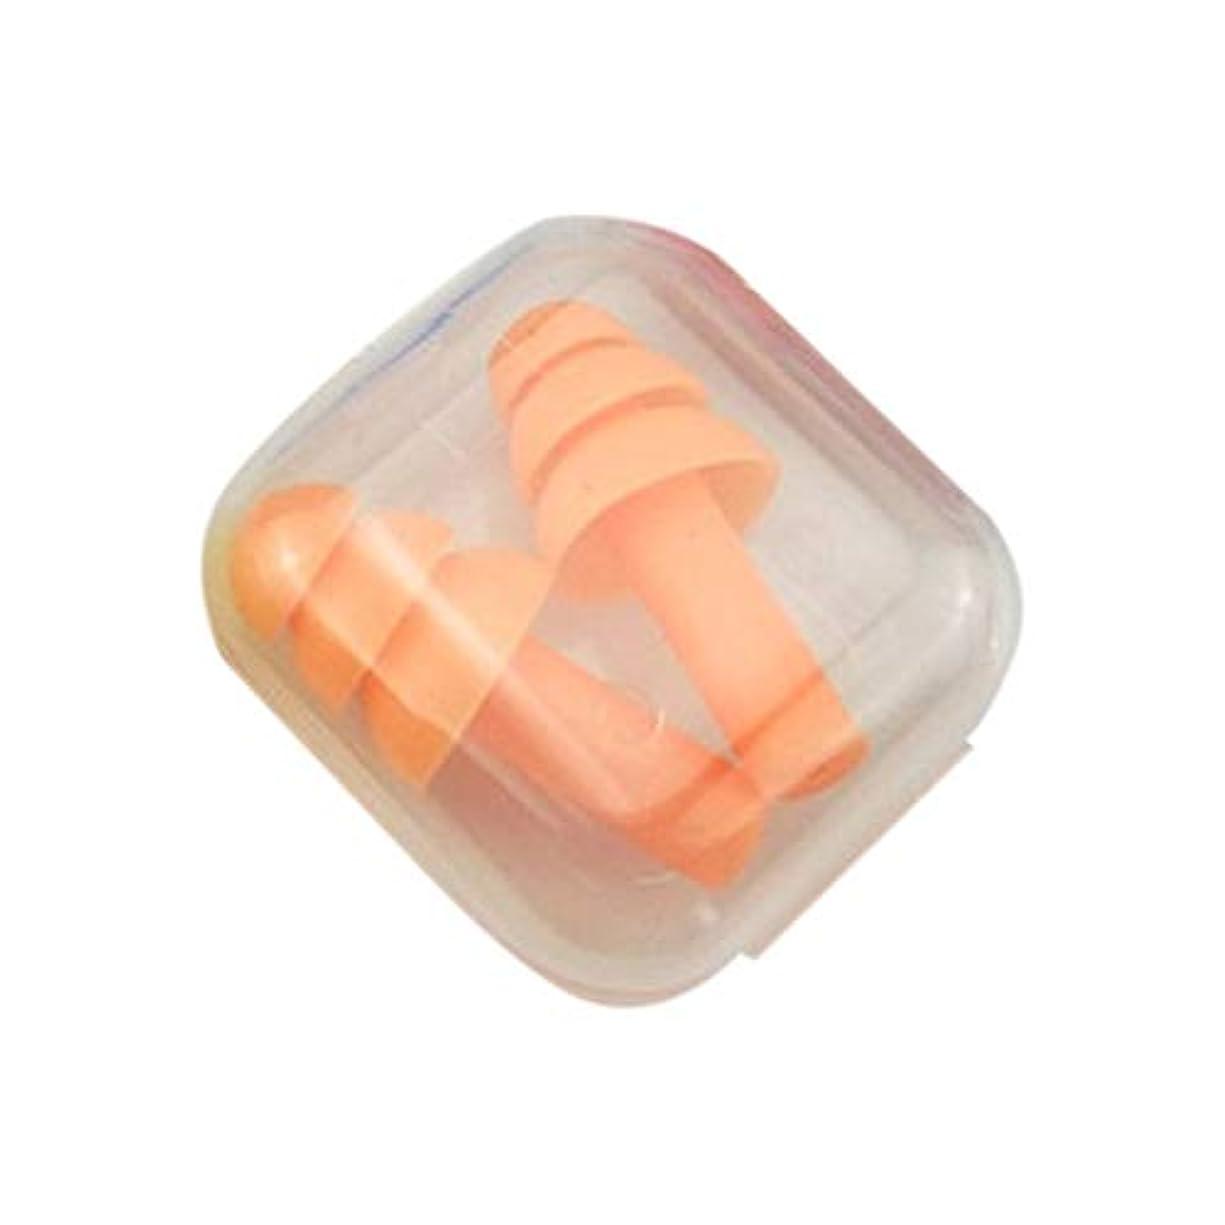 拒否醸造所意欲柔らかいシリコーンの耳栓遮音用耳の保護用の耳栓防音睡眠ボックス付き収納ボックス - オレンジ